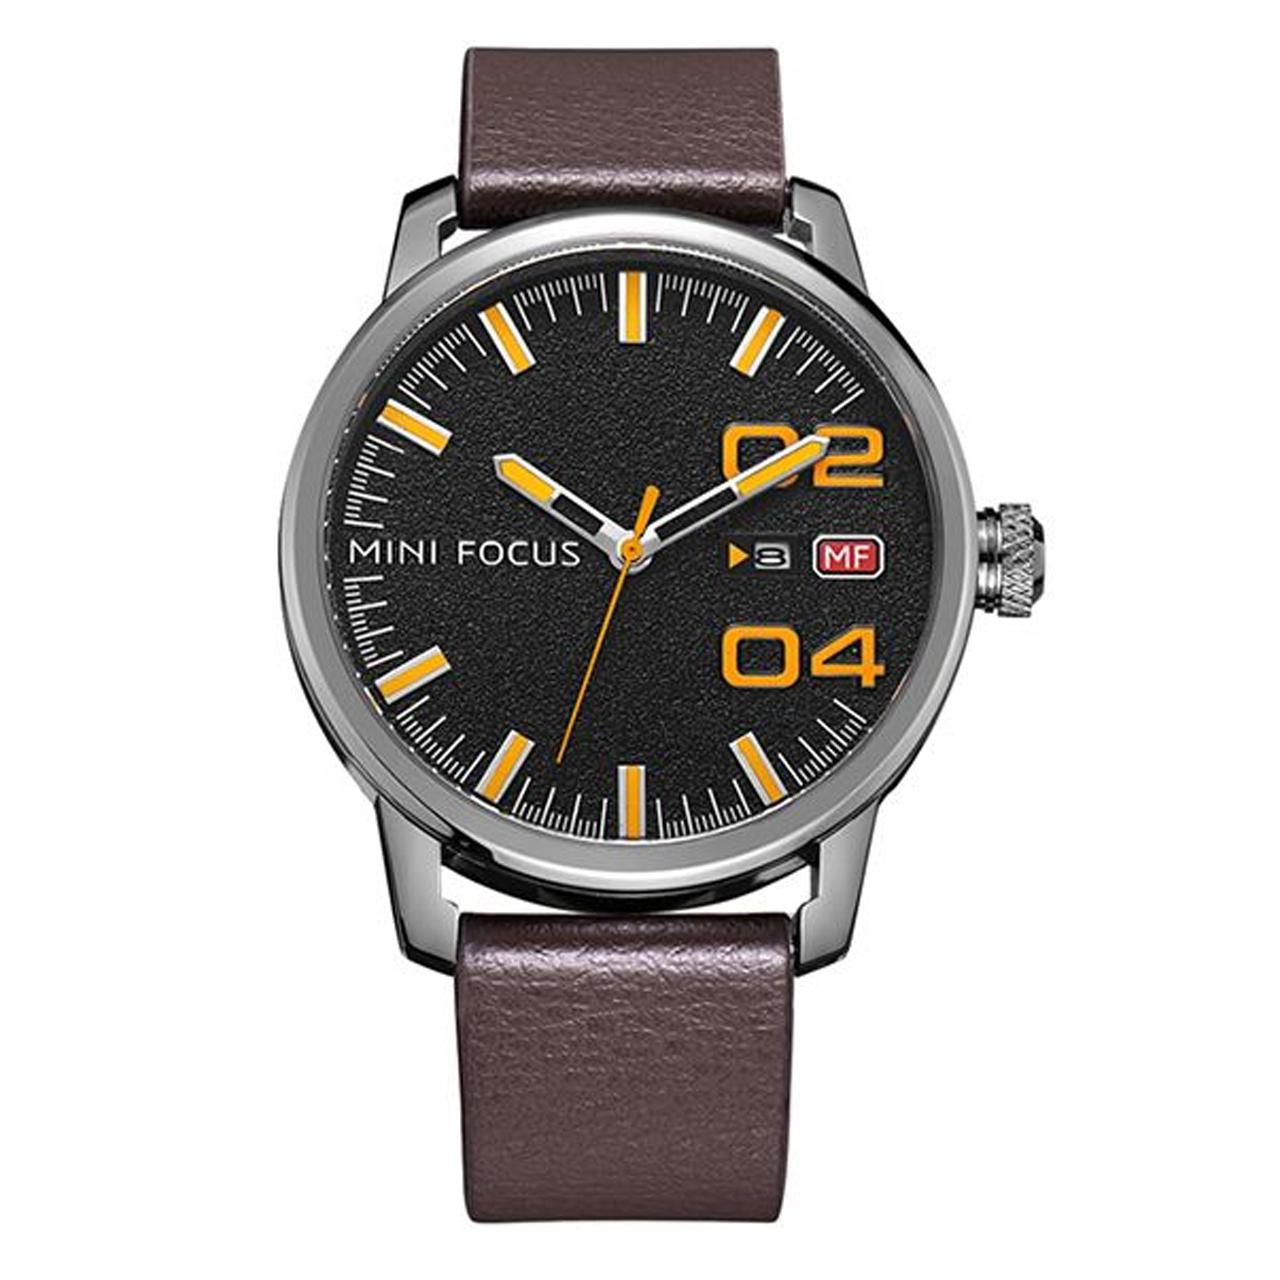 ساعت عقربه ای مینی فوکوس مدل mf0022g.02